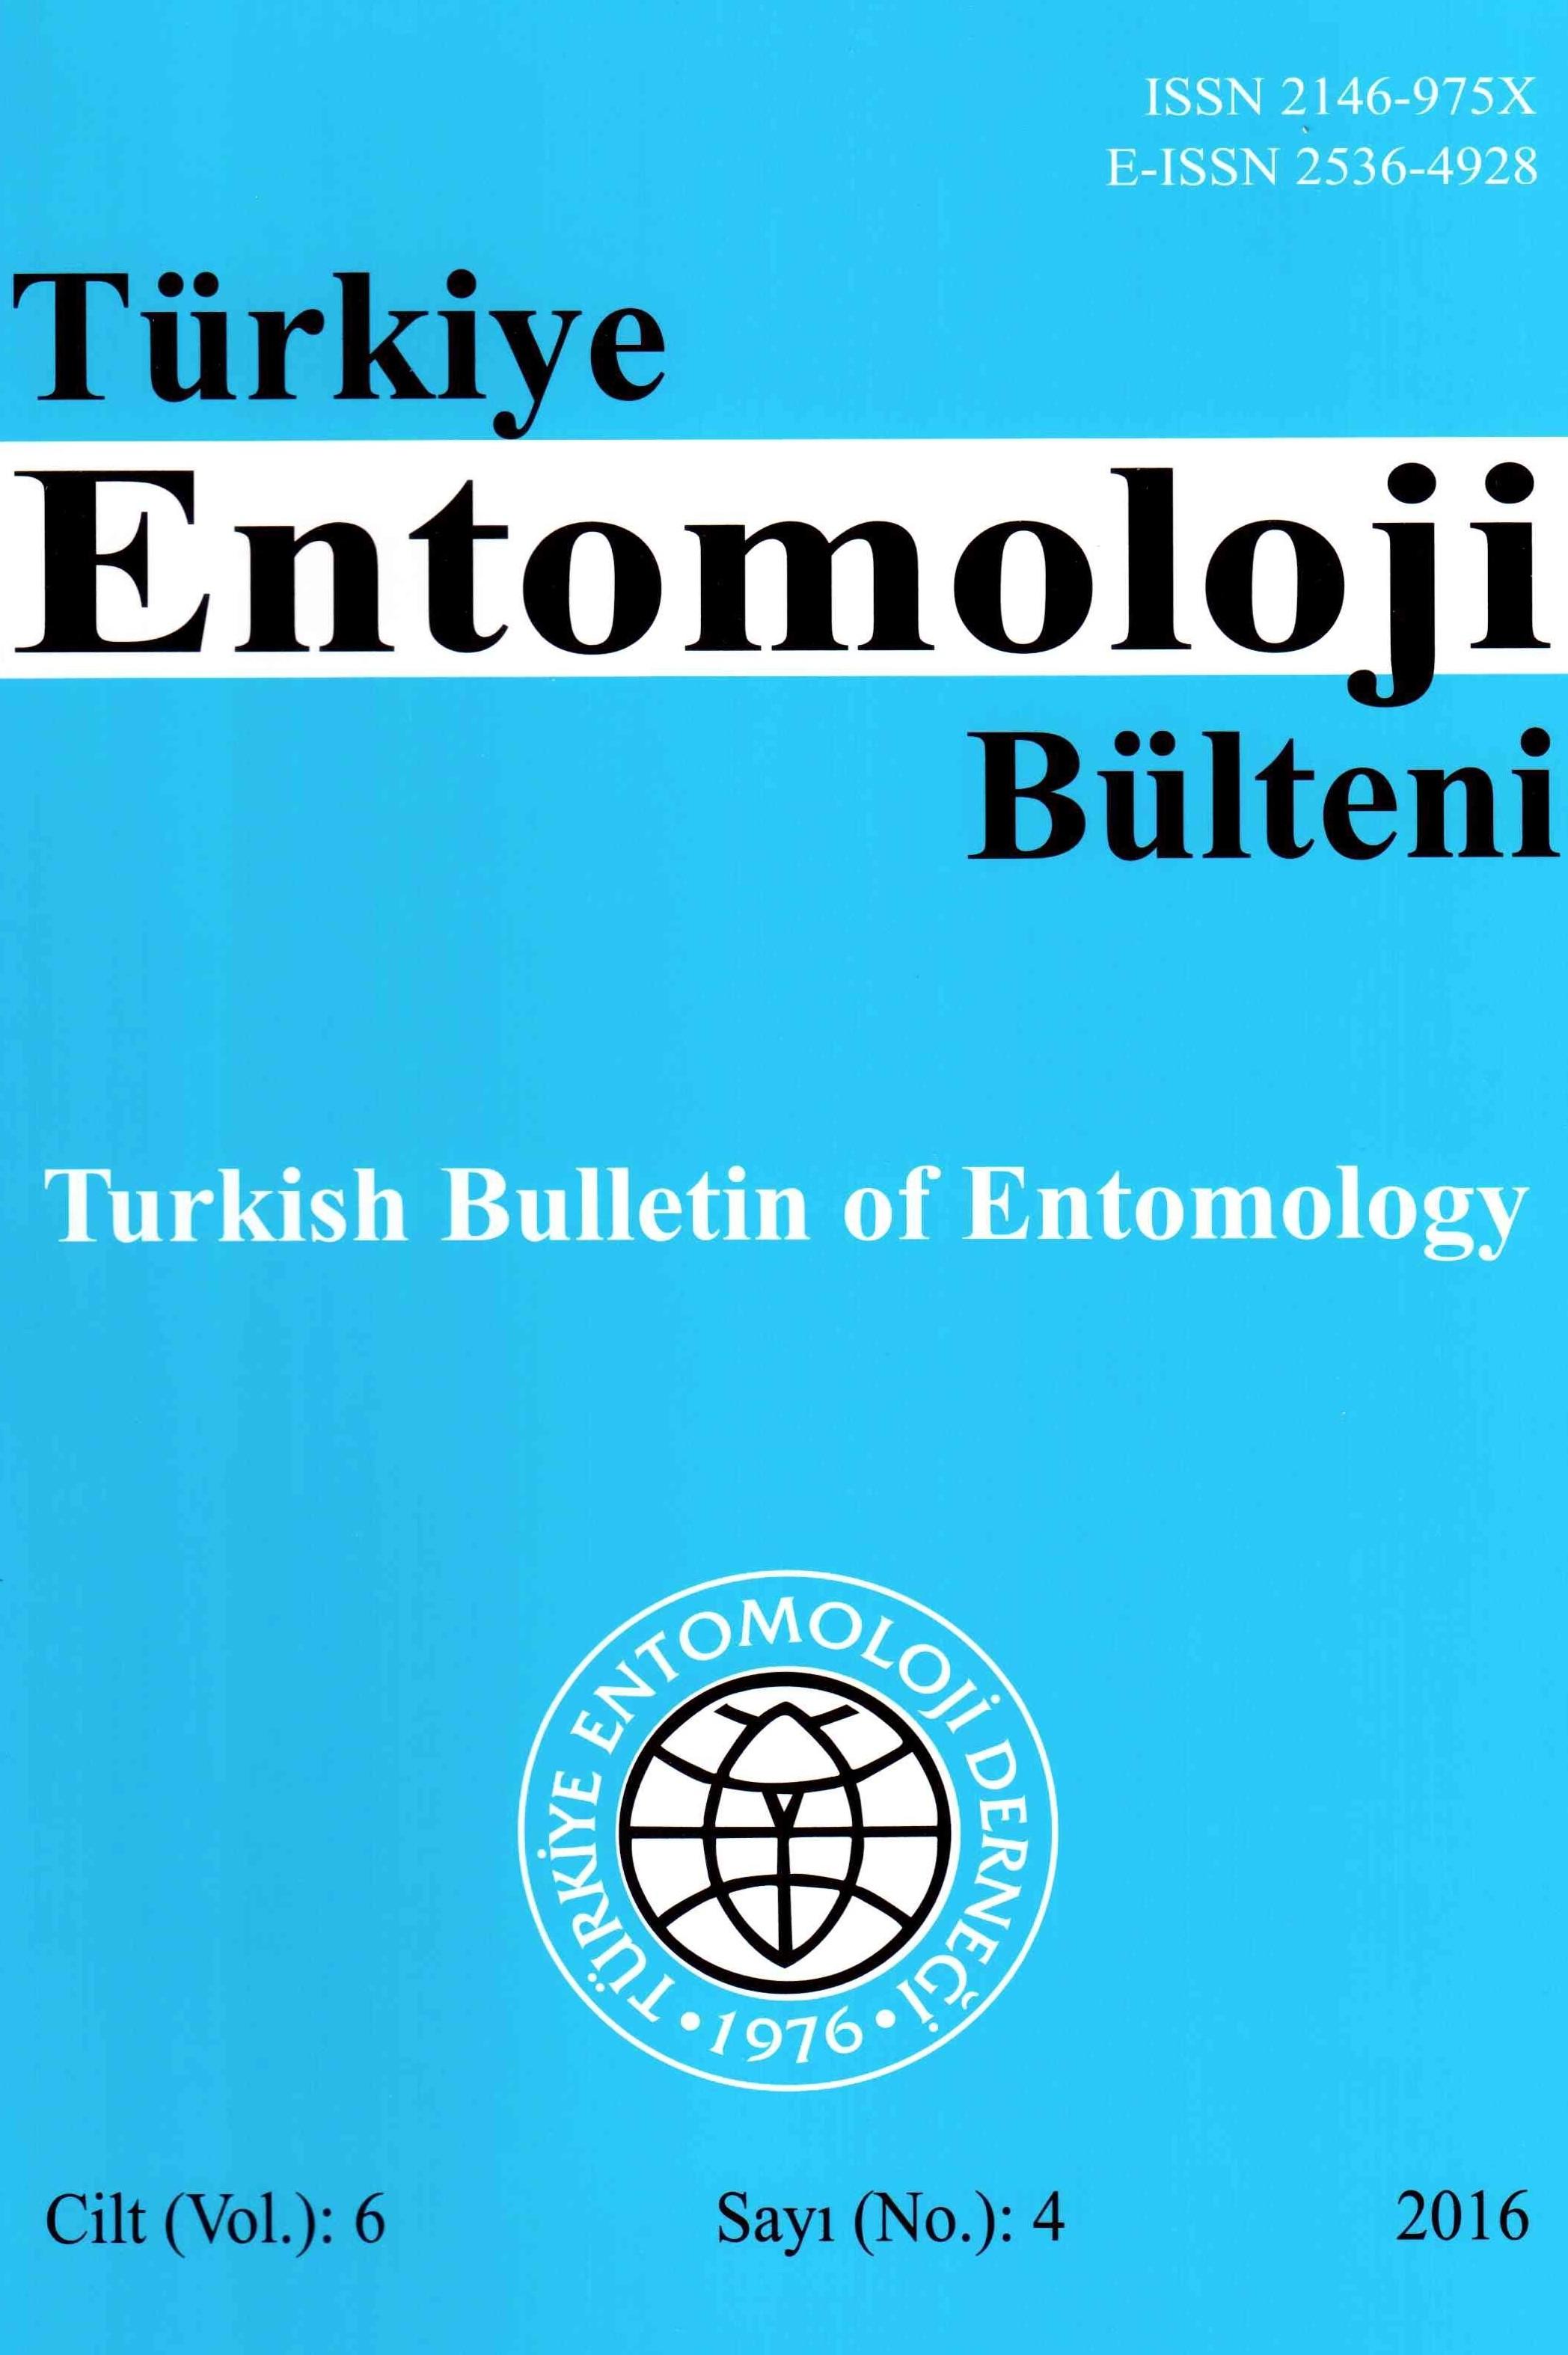 Türkiye Entomoloji Bülteni